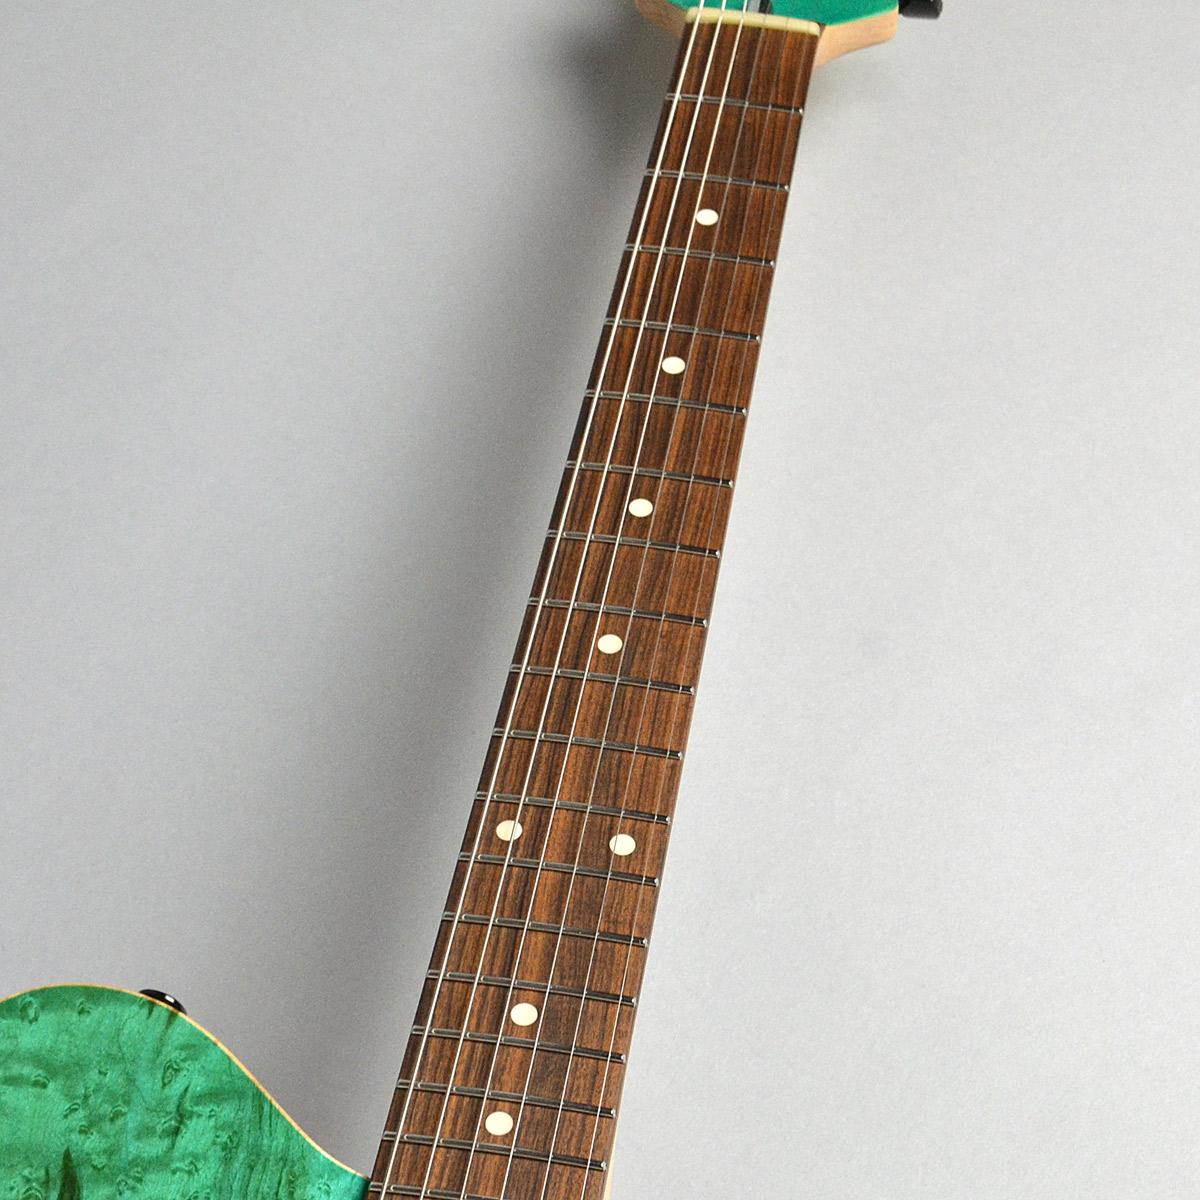 BORDER CUSTOM 666 6st Birds Eye Maple/Alderの指板画像